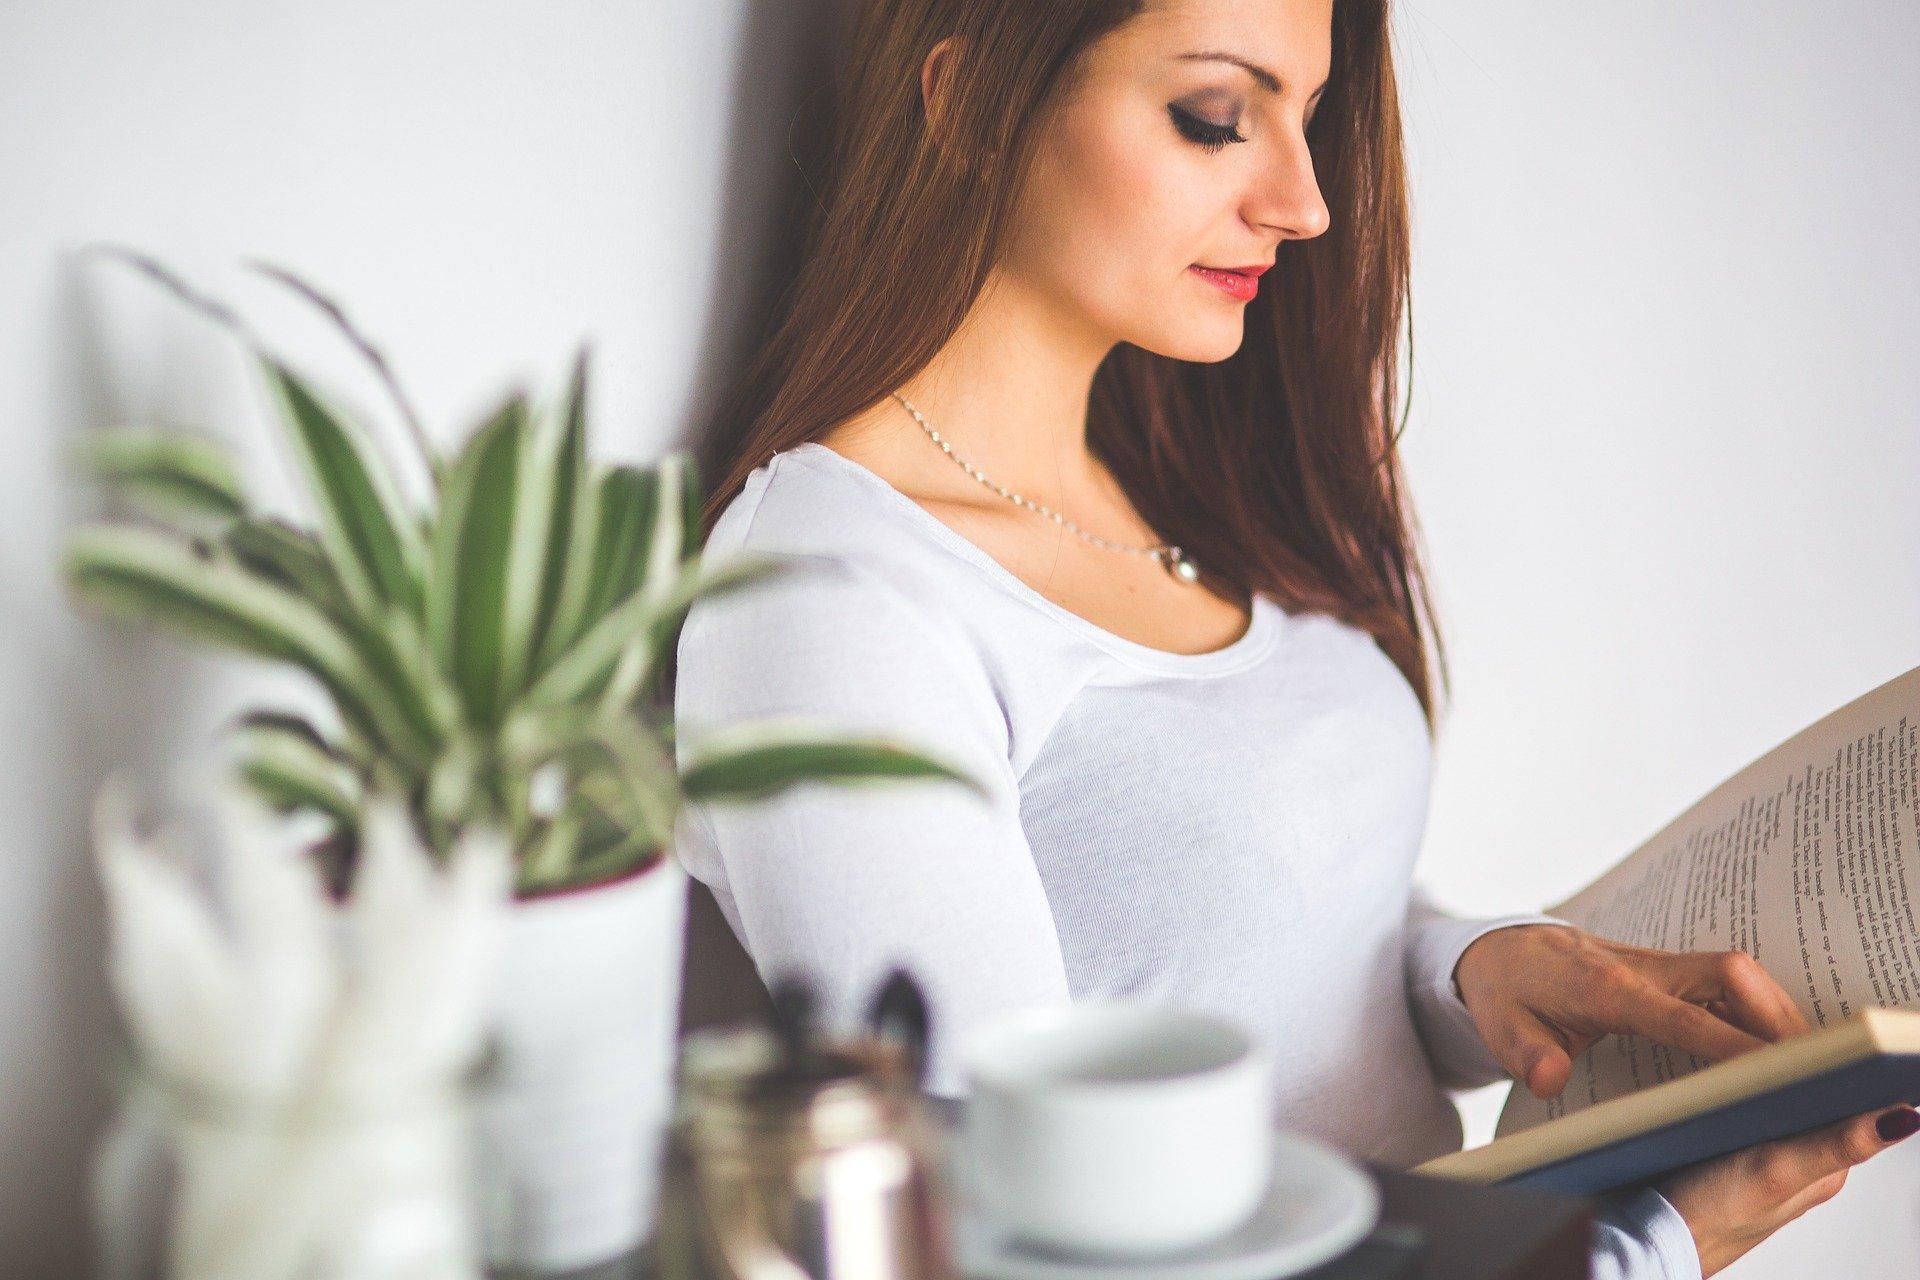 働く女性の約45%が休日の過ごし方に不満! 何に悩んでいる?